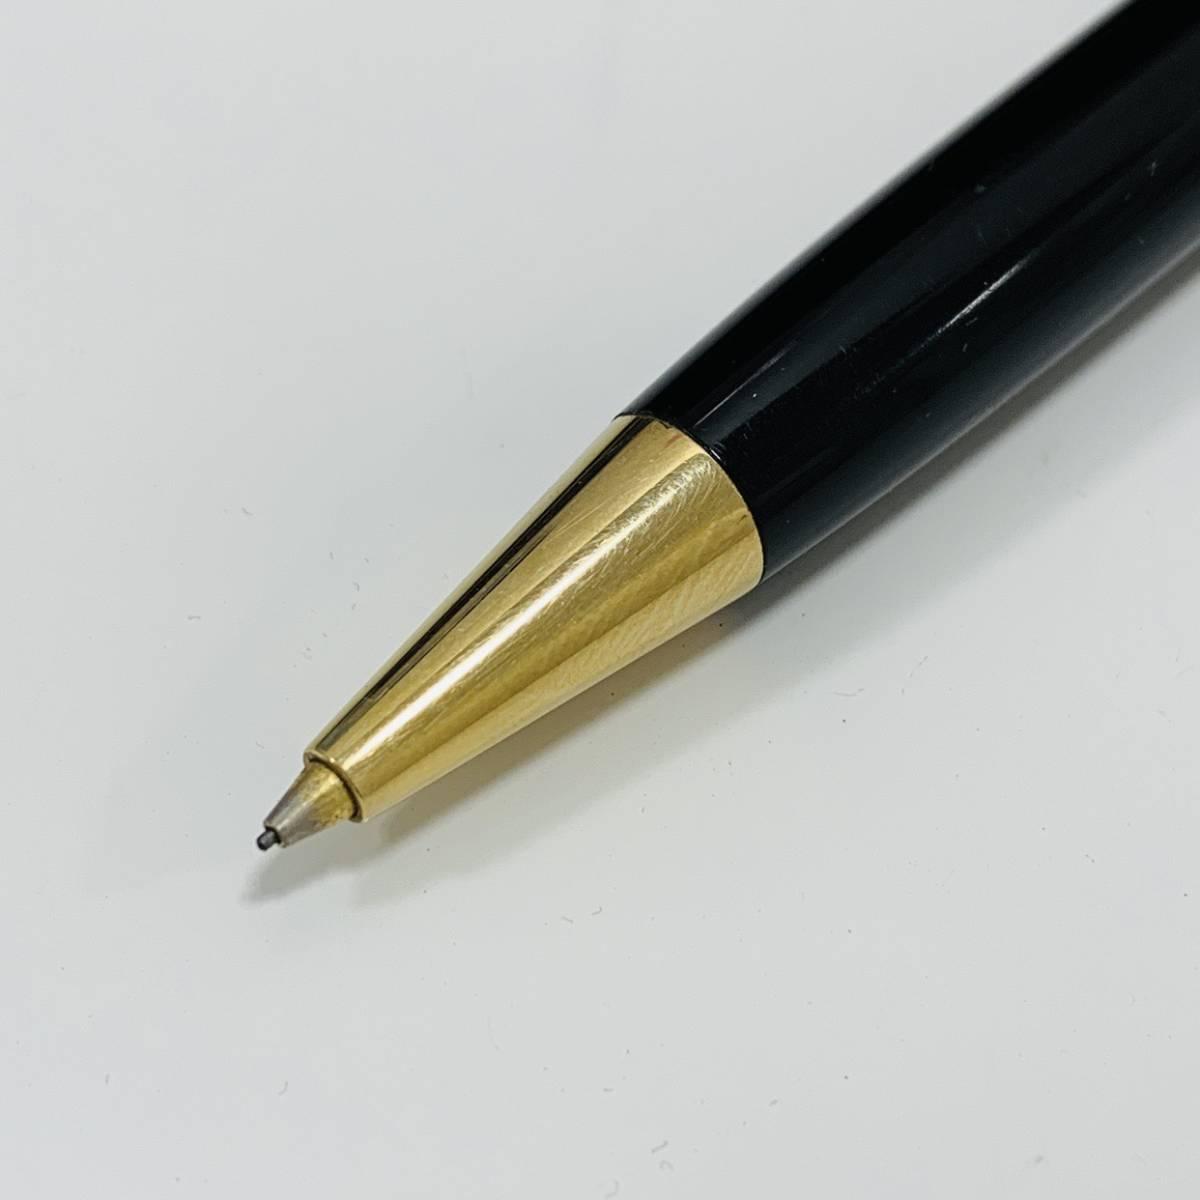 【3410】 高級 MONTBLANC モンブラン MEISTERSTUCK マイスターシュテュック シャープペン シャープペンシル 箱付き_画像5